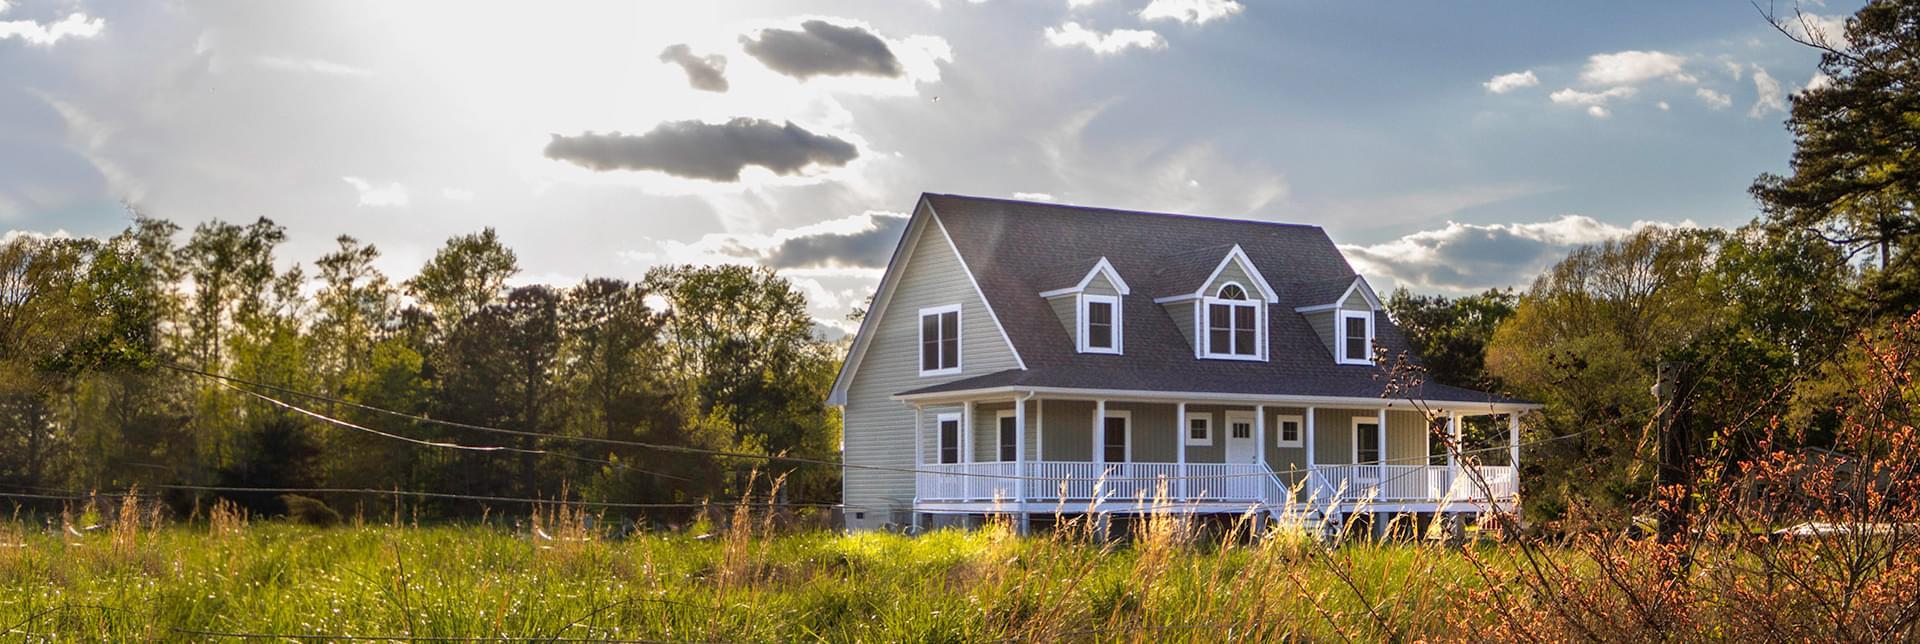 New Homes in Caroline County VA